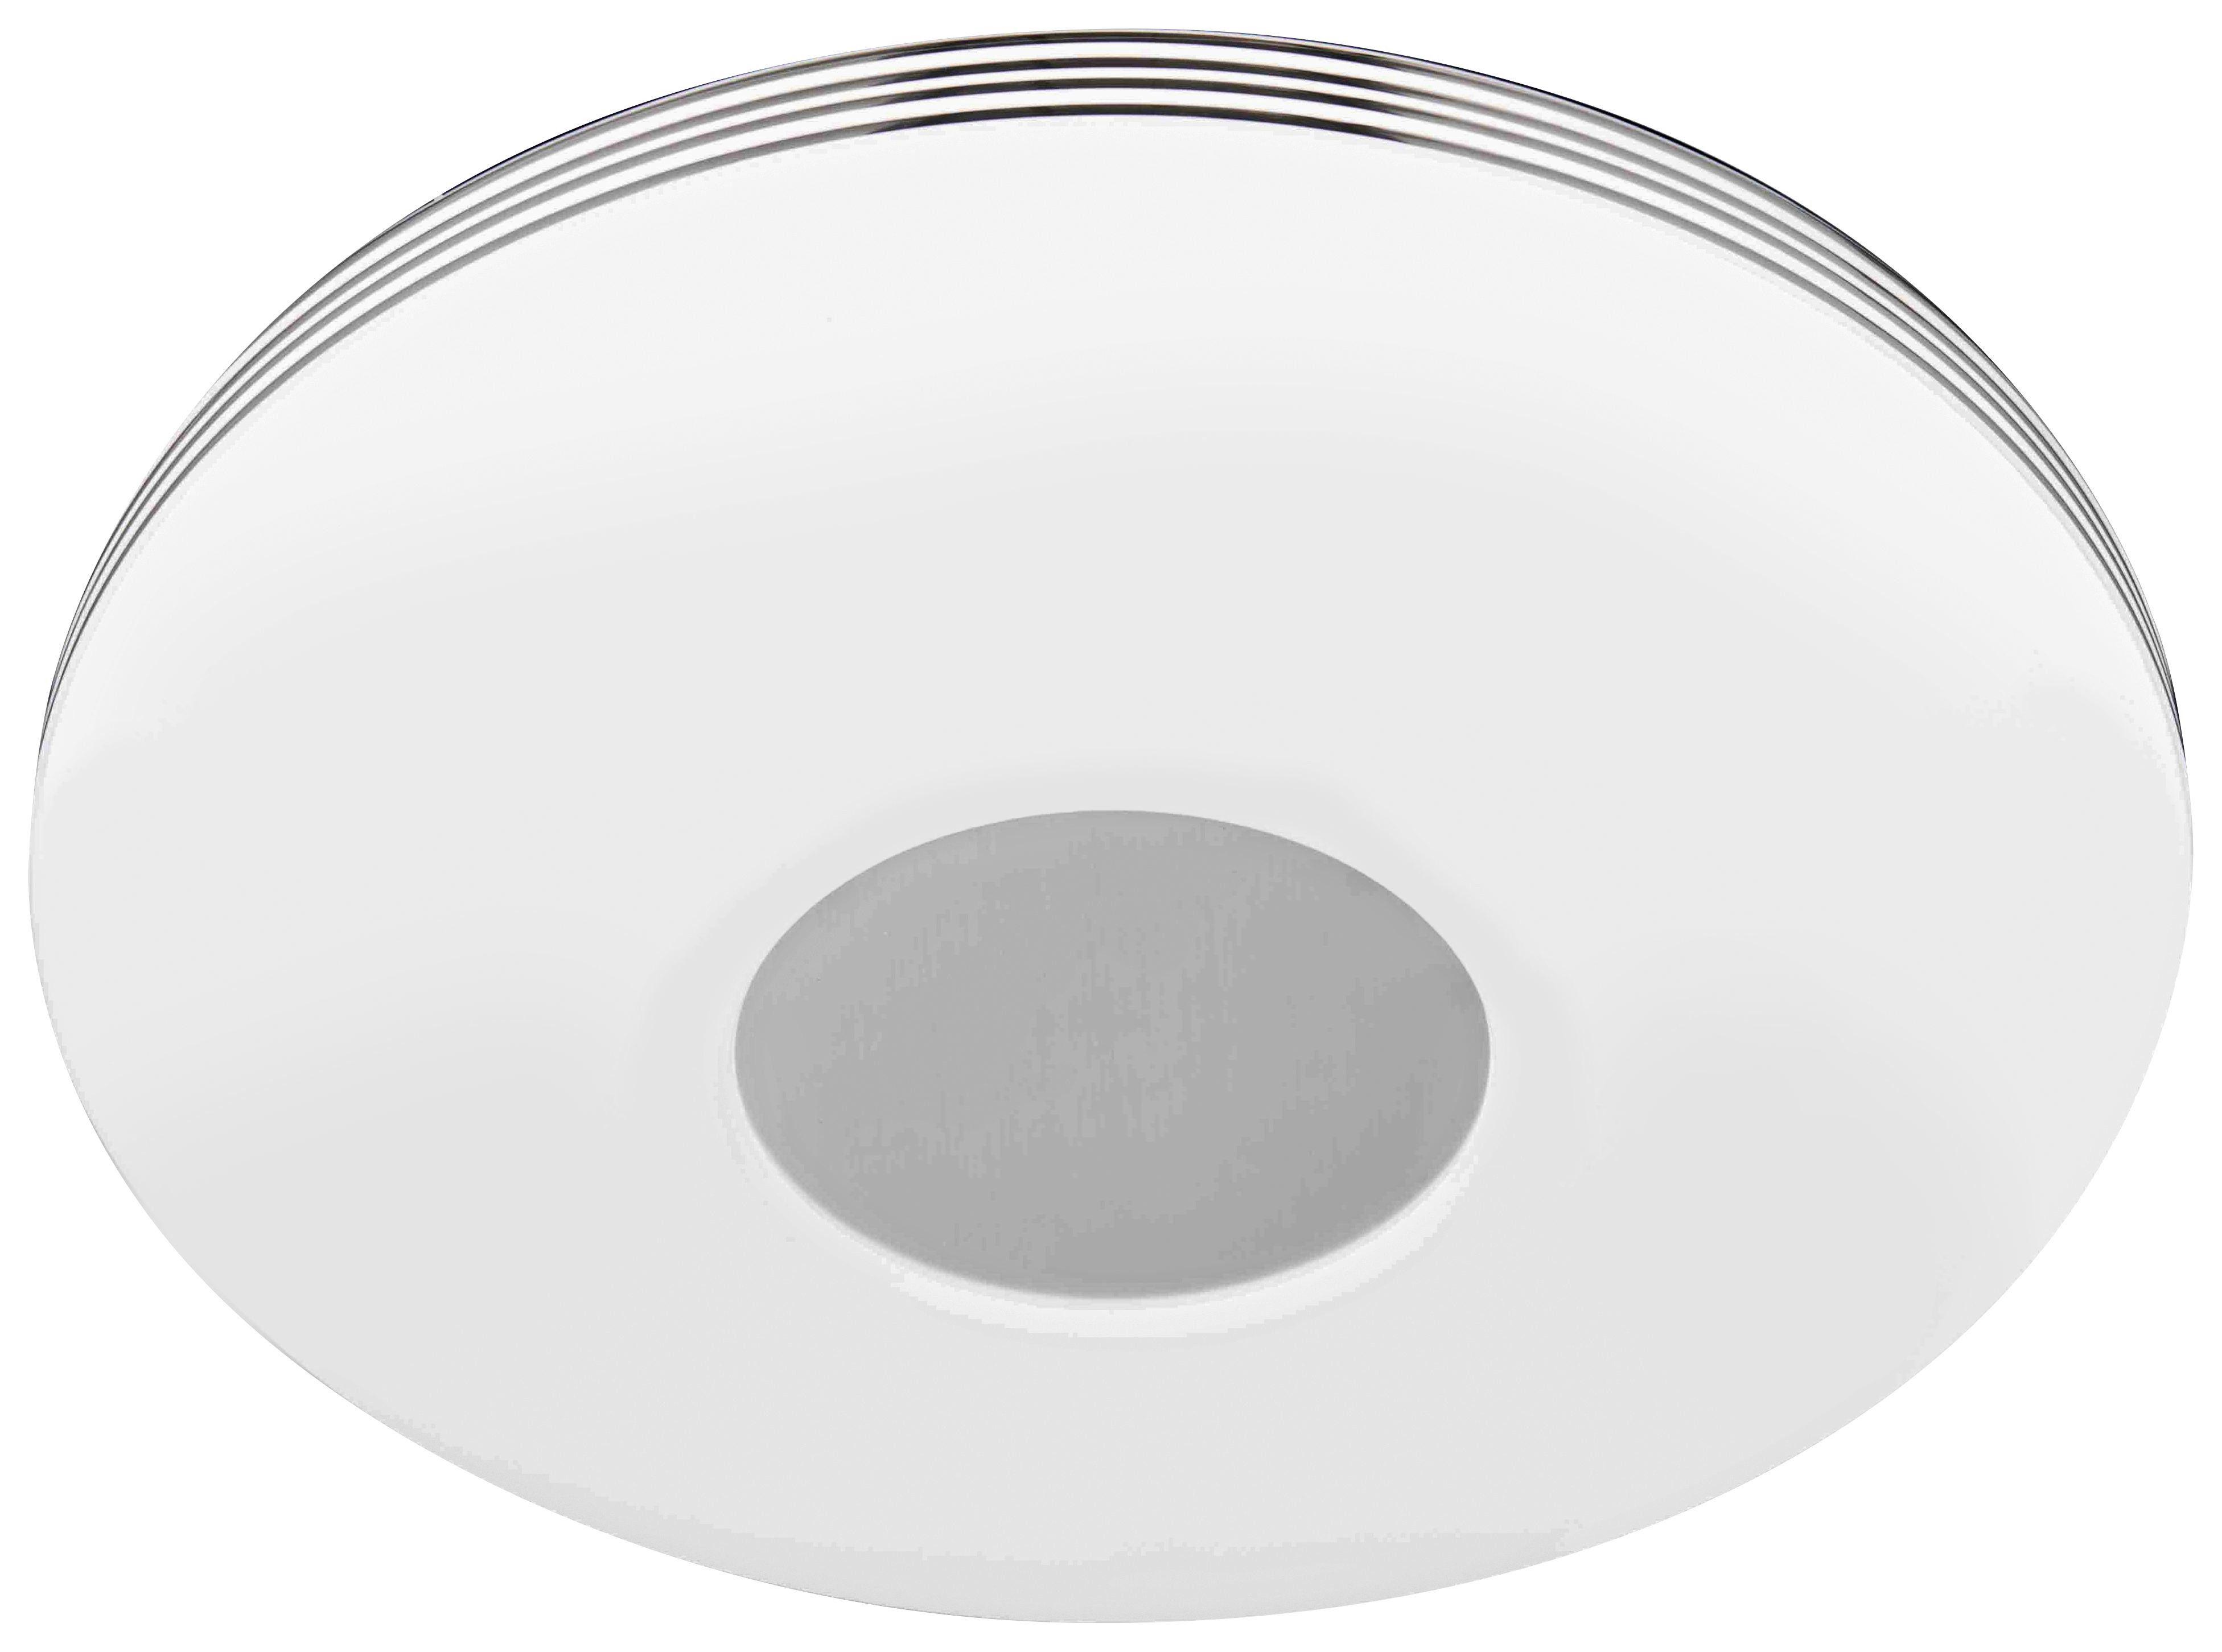 LED SVJETILJKA STROPNA - bijela/boje kroma, Design, metal/plastika (34/7cm) - Novel